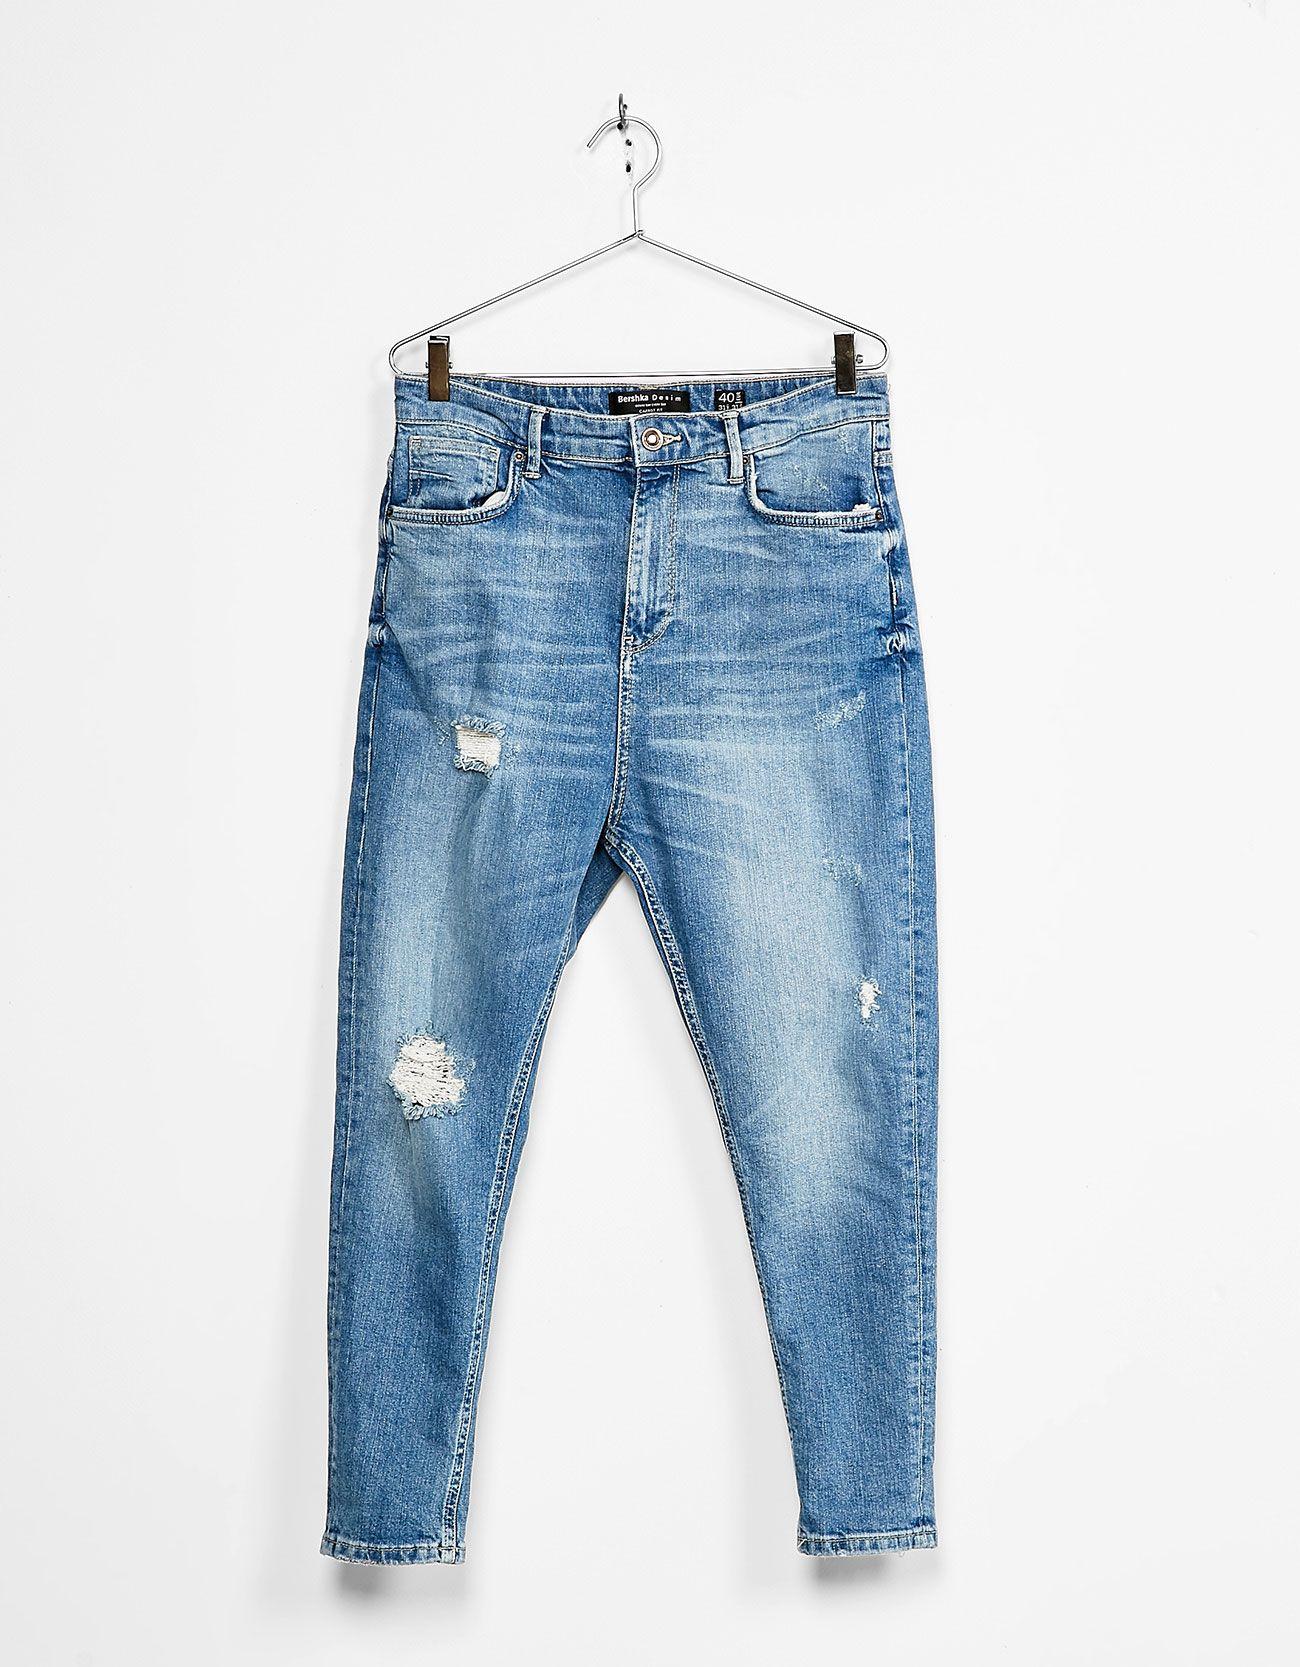 7f933a7870 Jeans carrot fit rotos. Descubre ésta y muchas otras prendas en Bershka con  nuevos productos cada semana